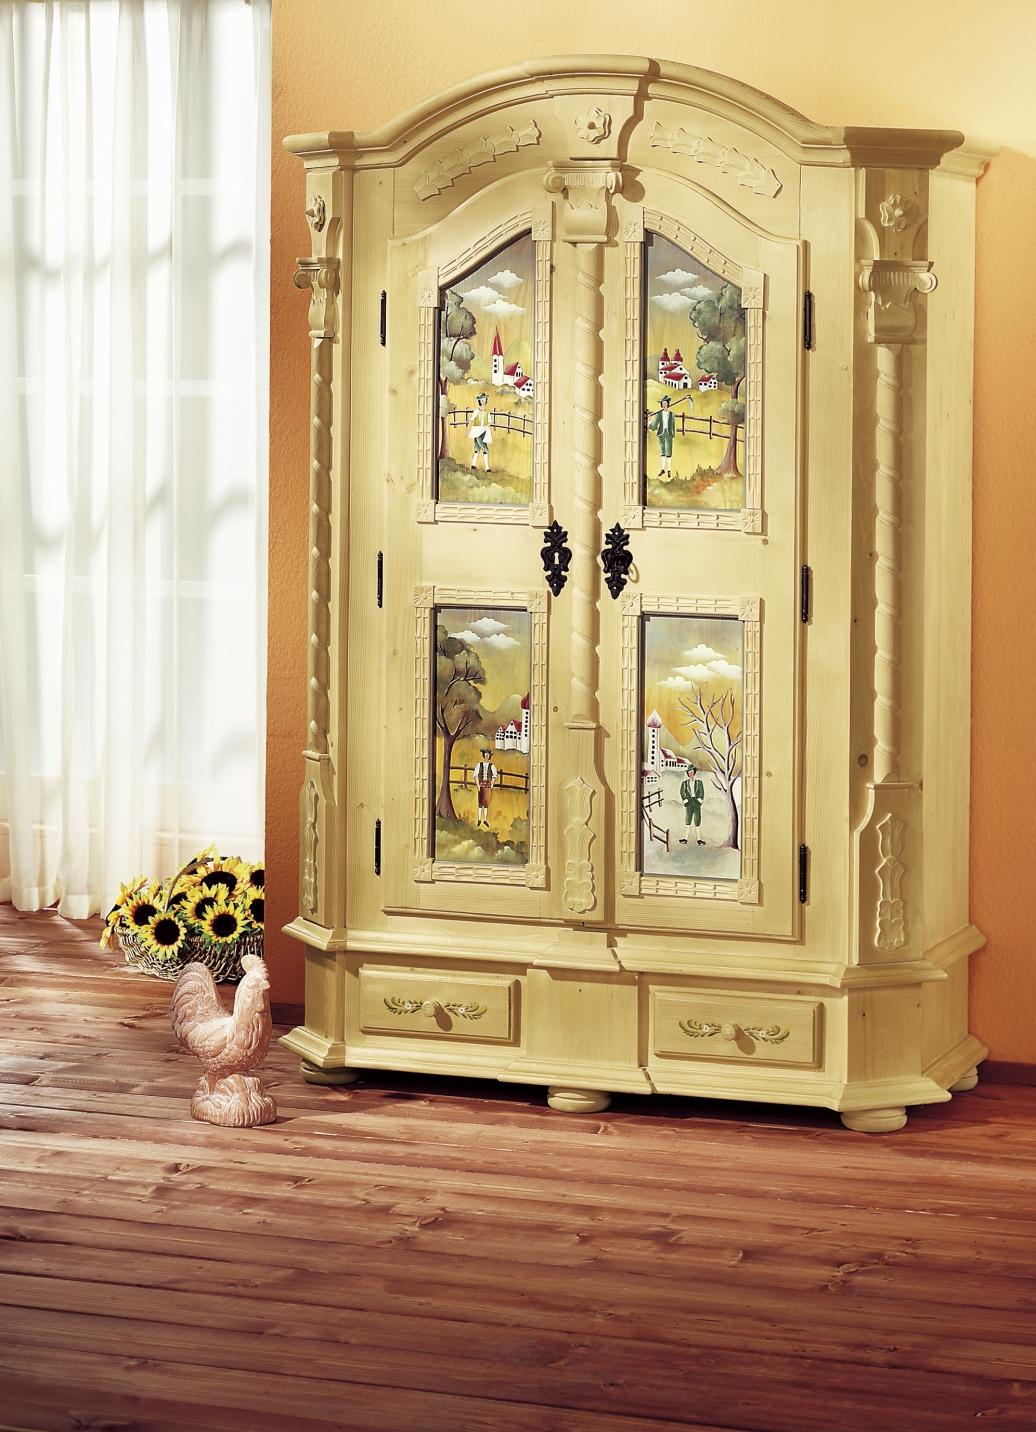 dielenschrank in 3 dekors landhausm bel bader. Black Bedroom Furniture Sets. Home Design Ideas